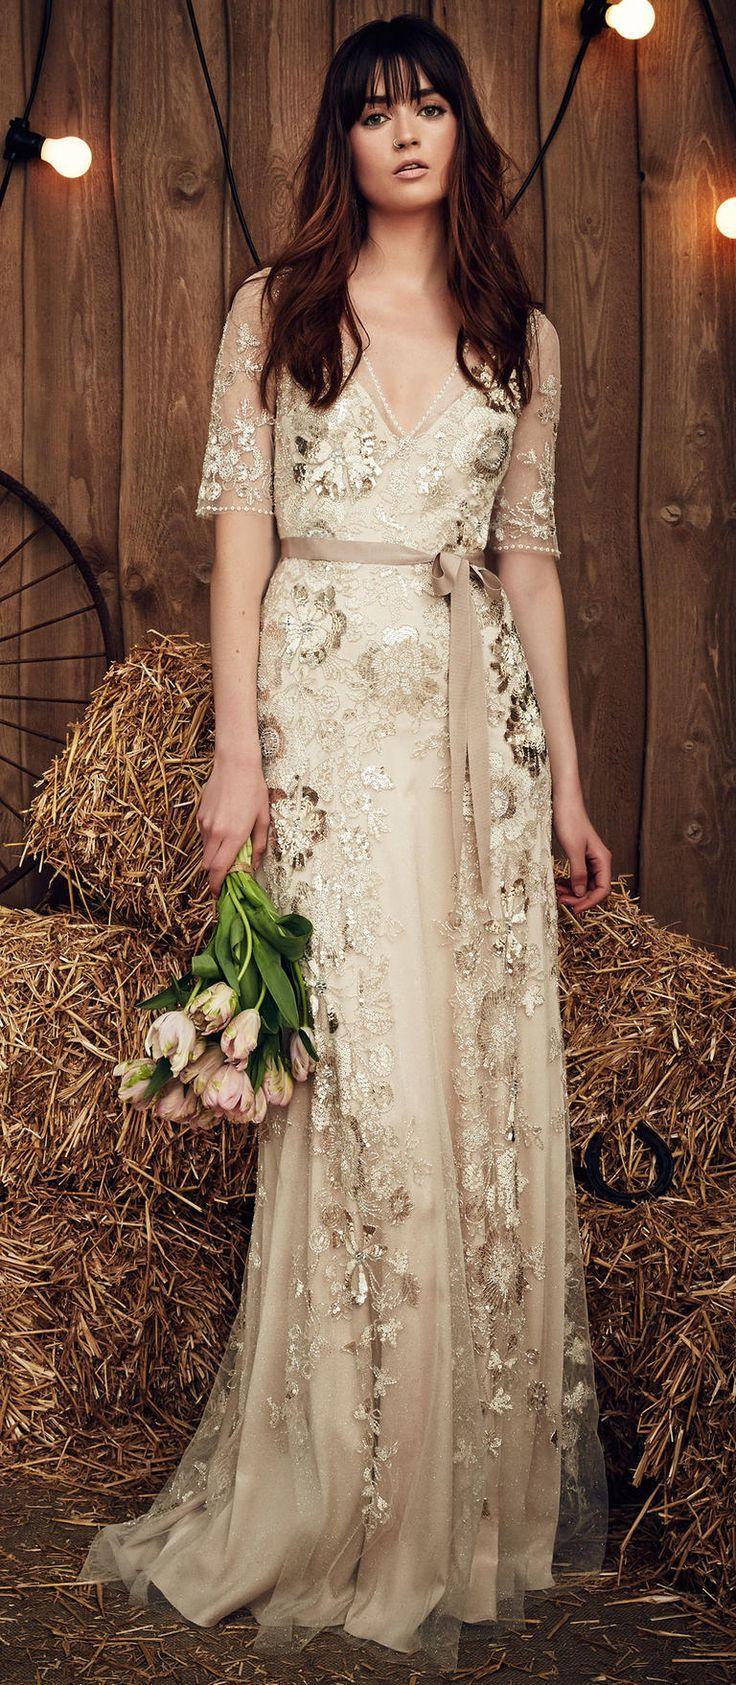 robe de mariée photo dans le 18